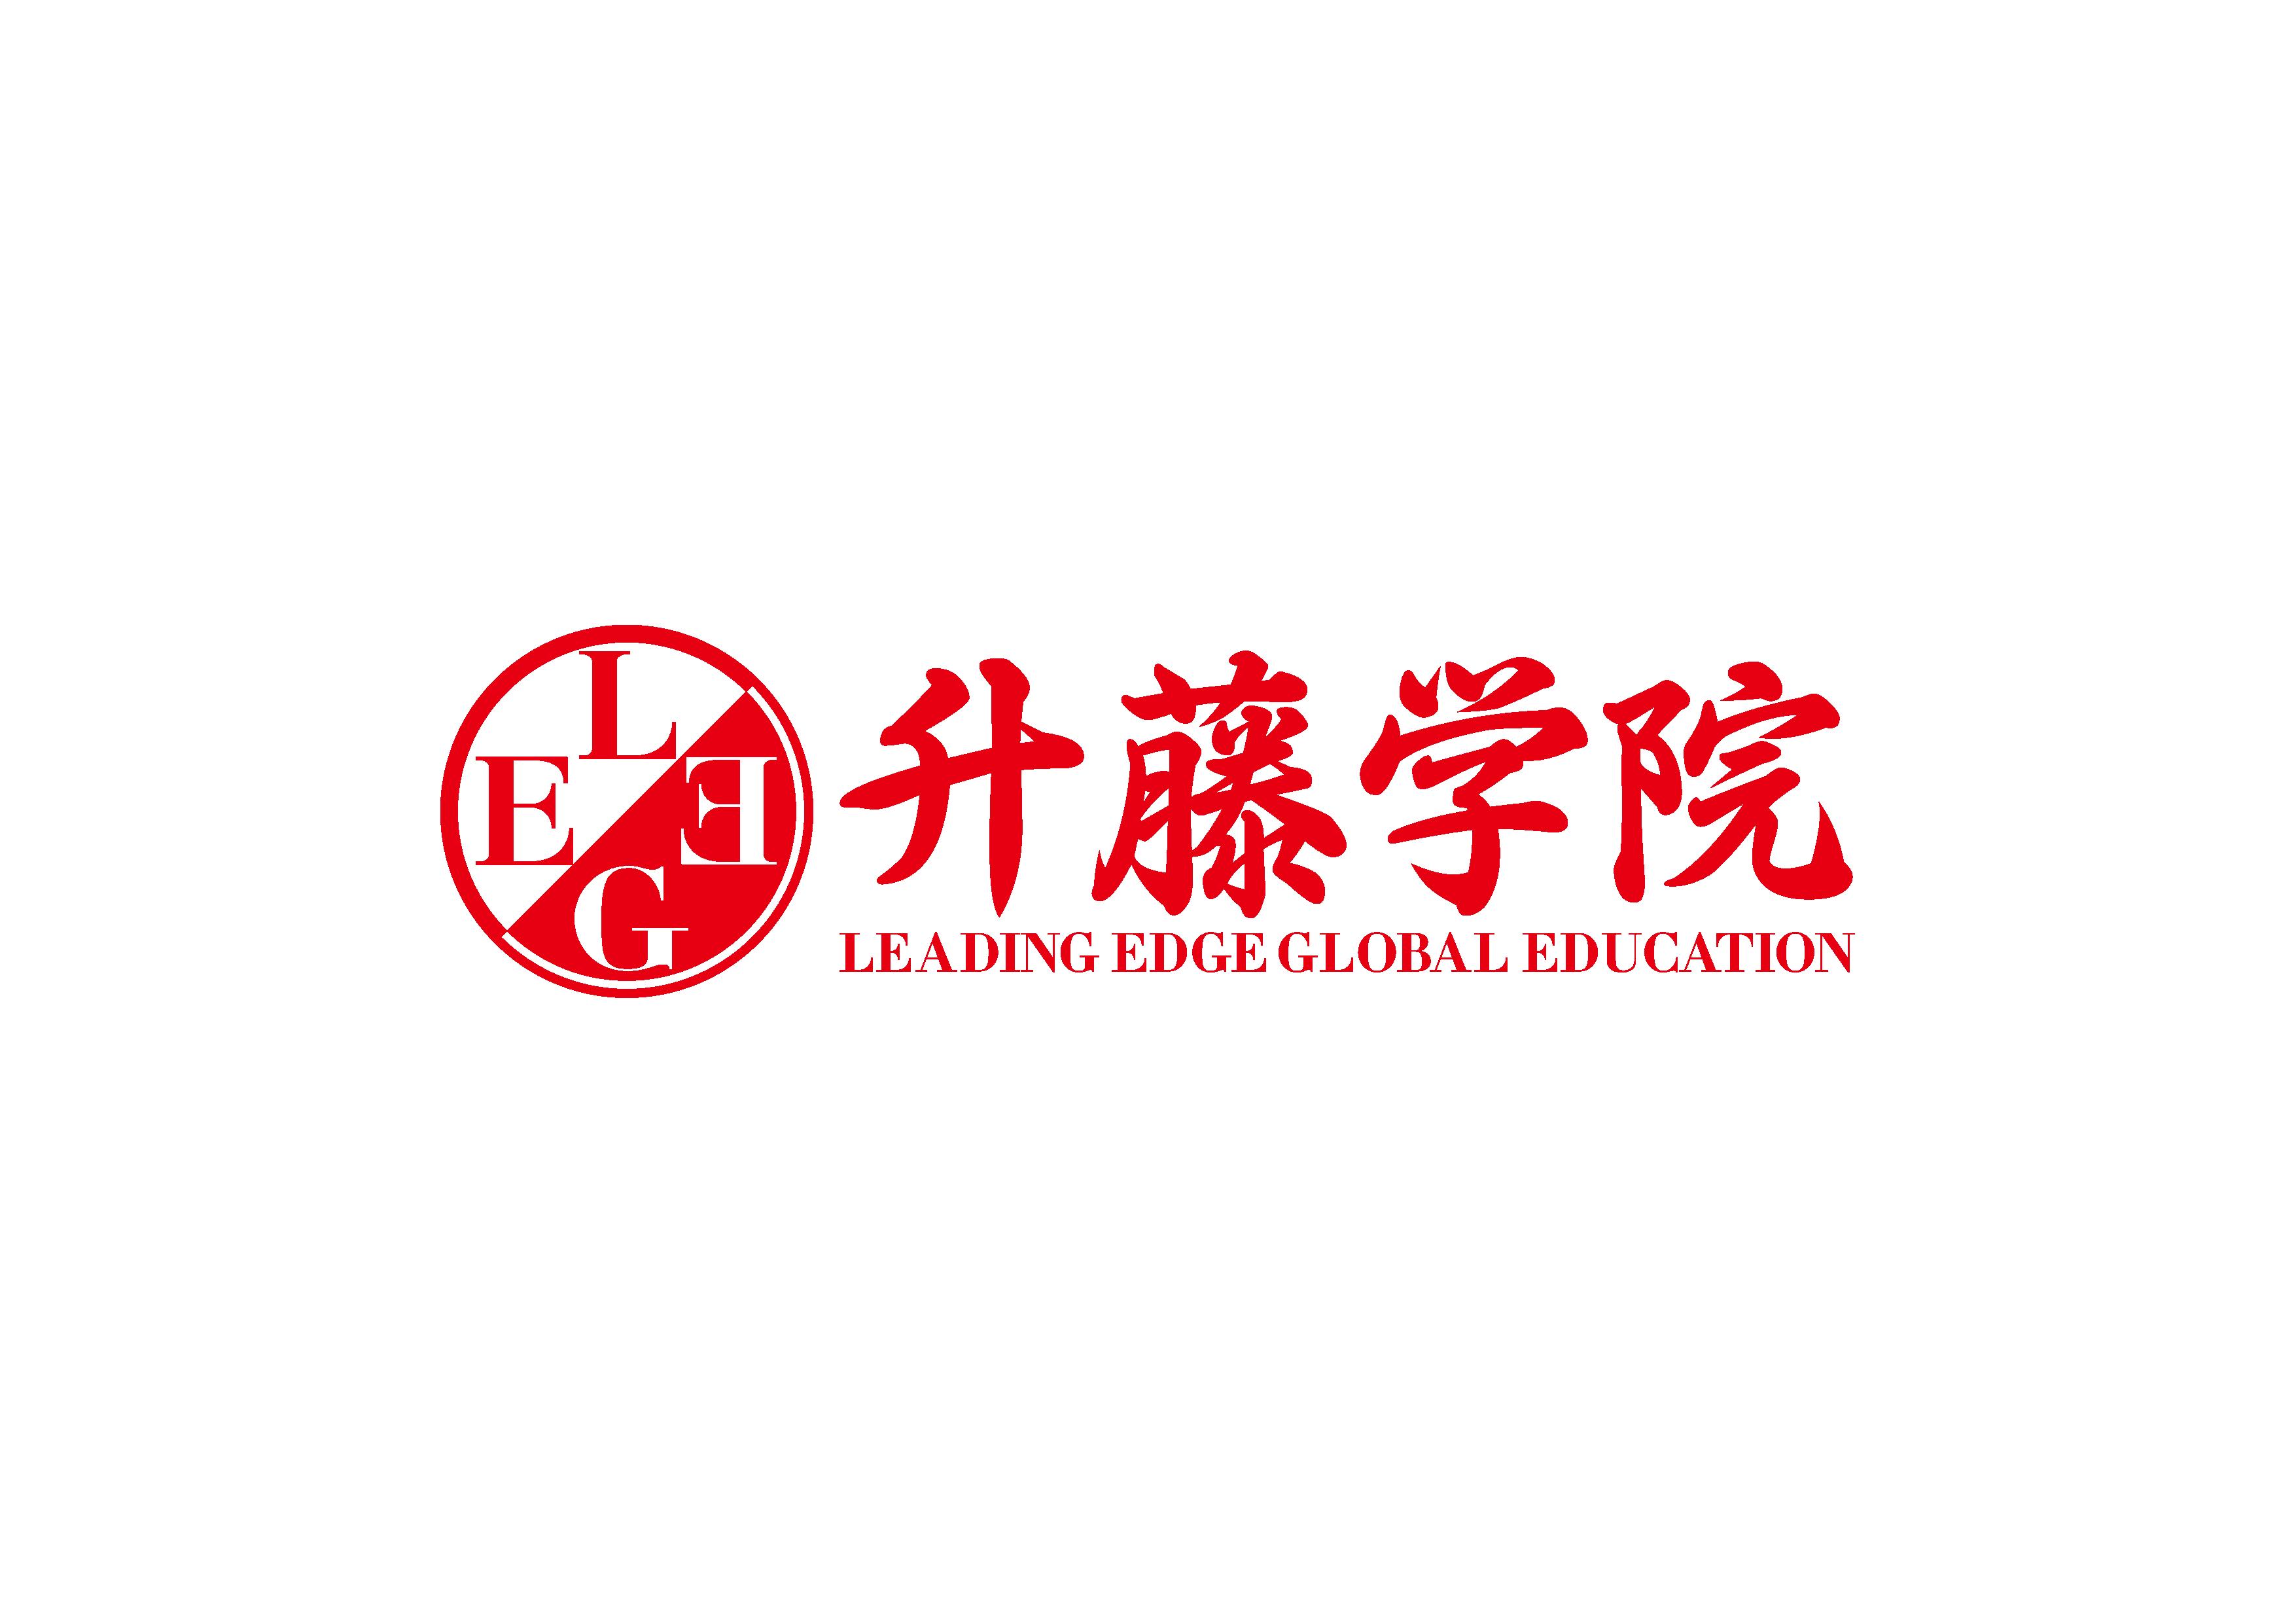 Leading Edge Global Education 升藤学院